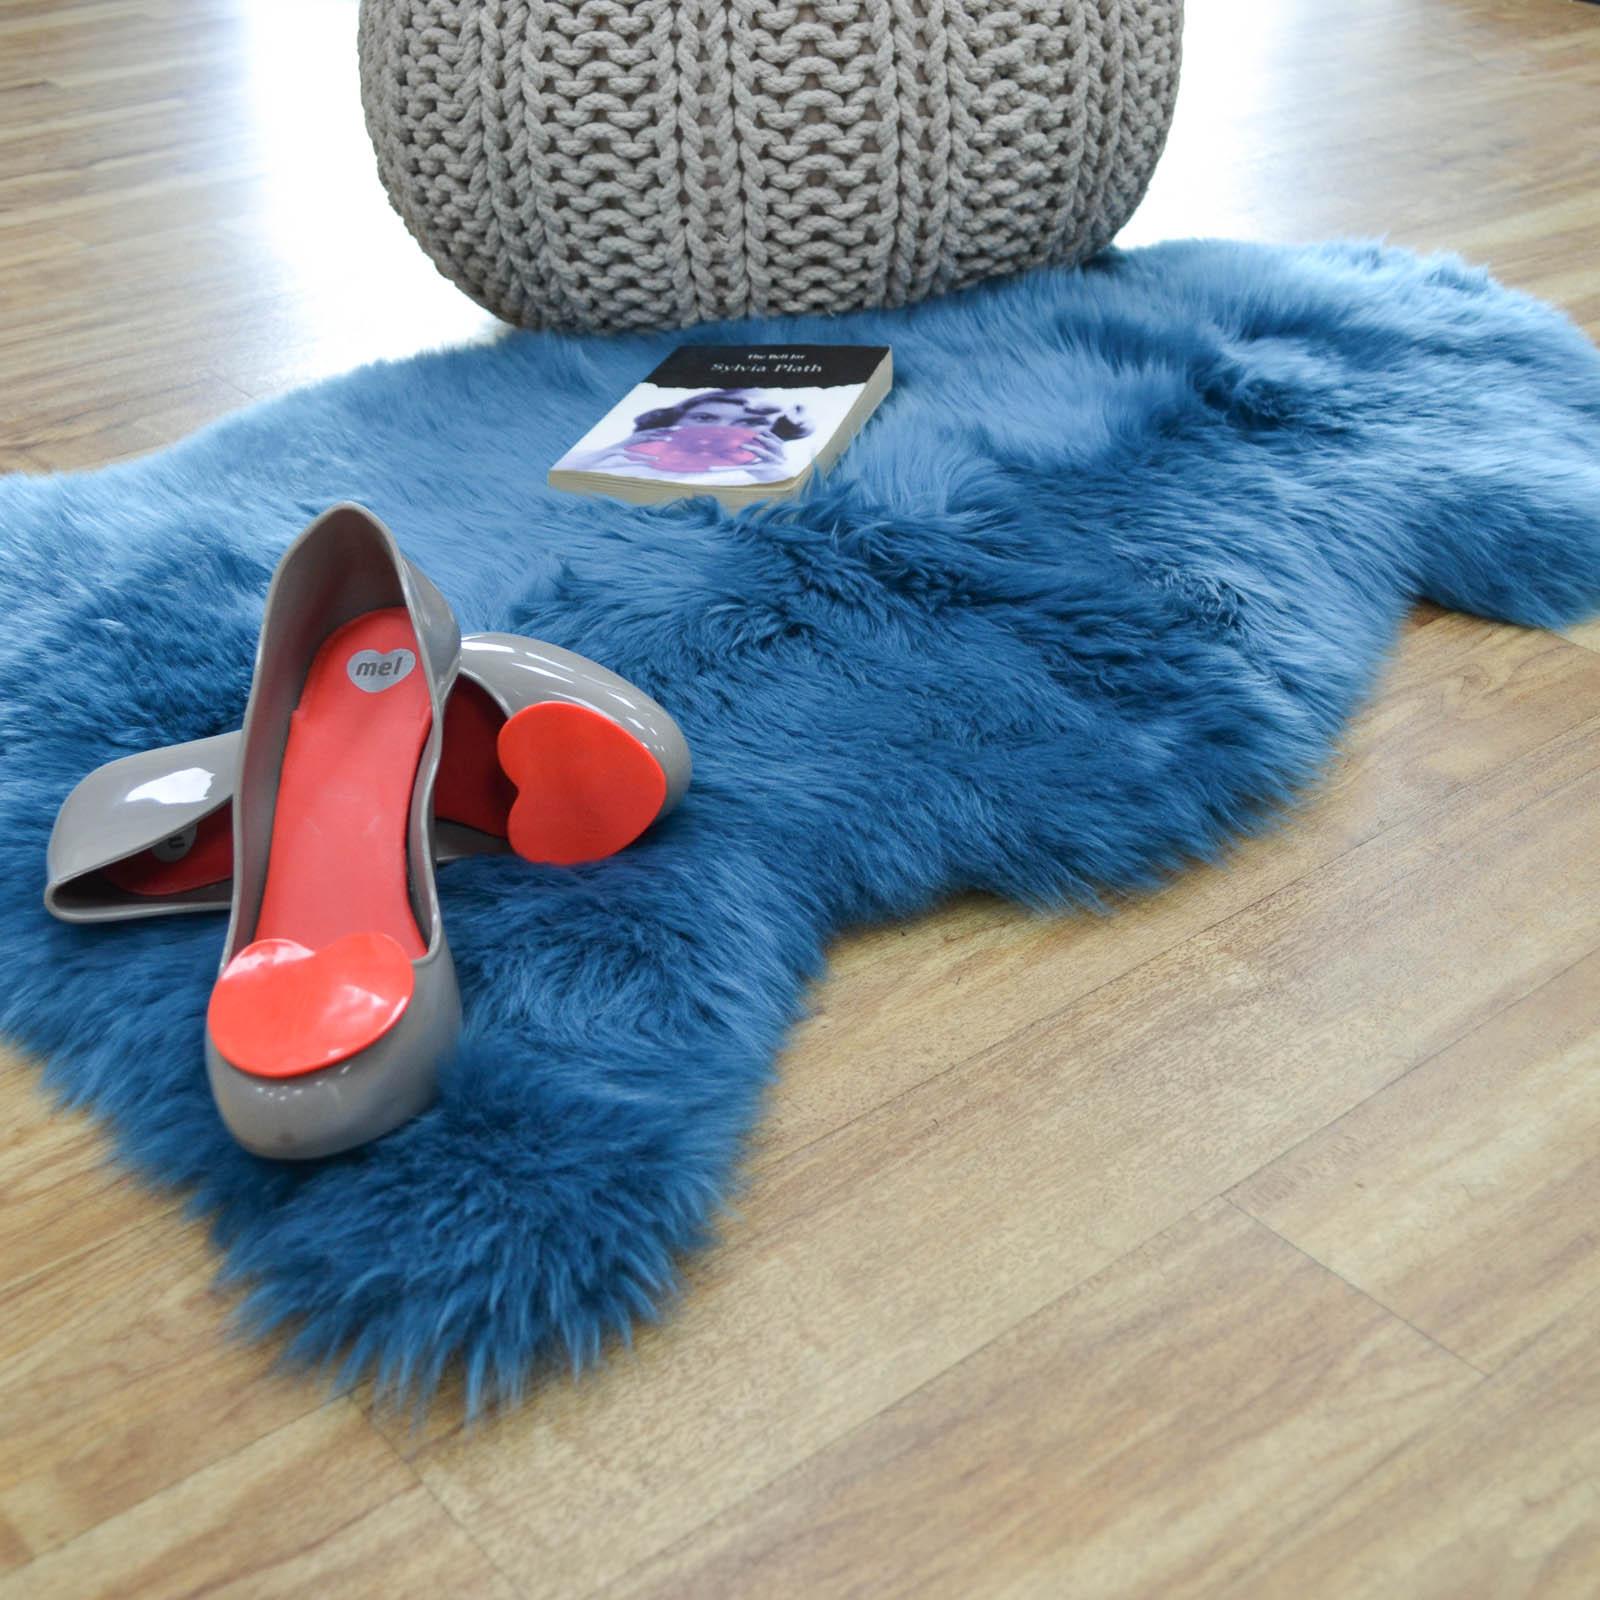 sheepskin rugs shop online with free uk delivery. Black Bedroom Furniture Sets. Home Design Ideas